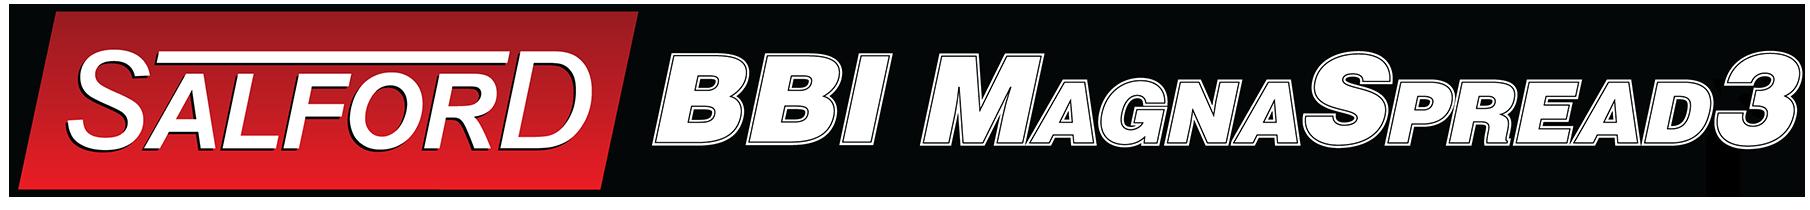 MagnaSpread3-Logo.jpg